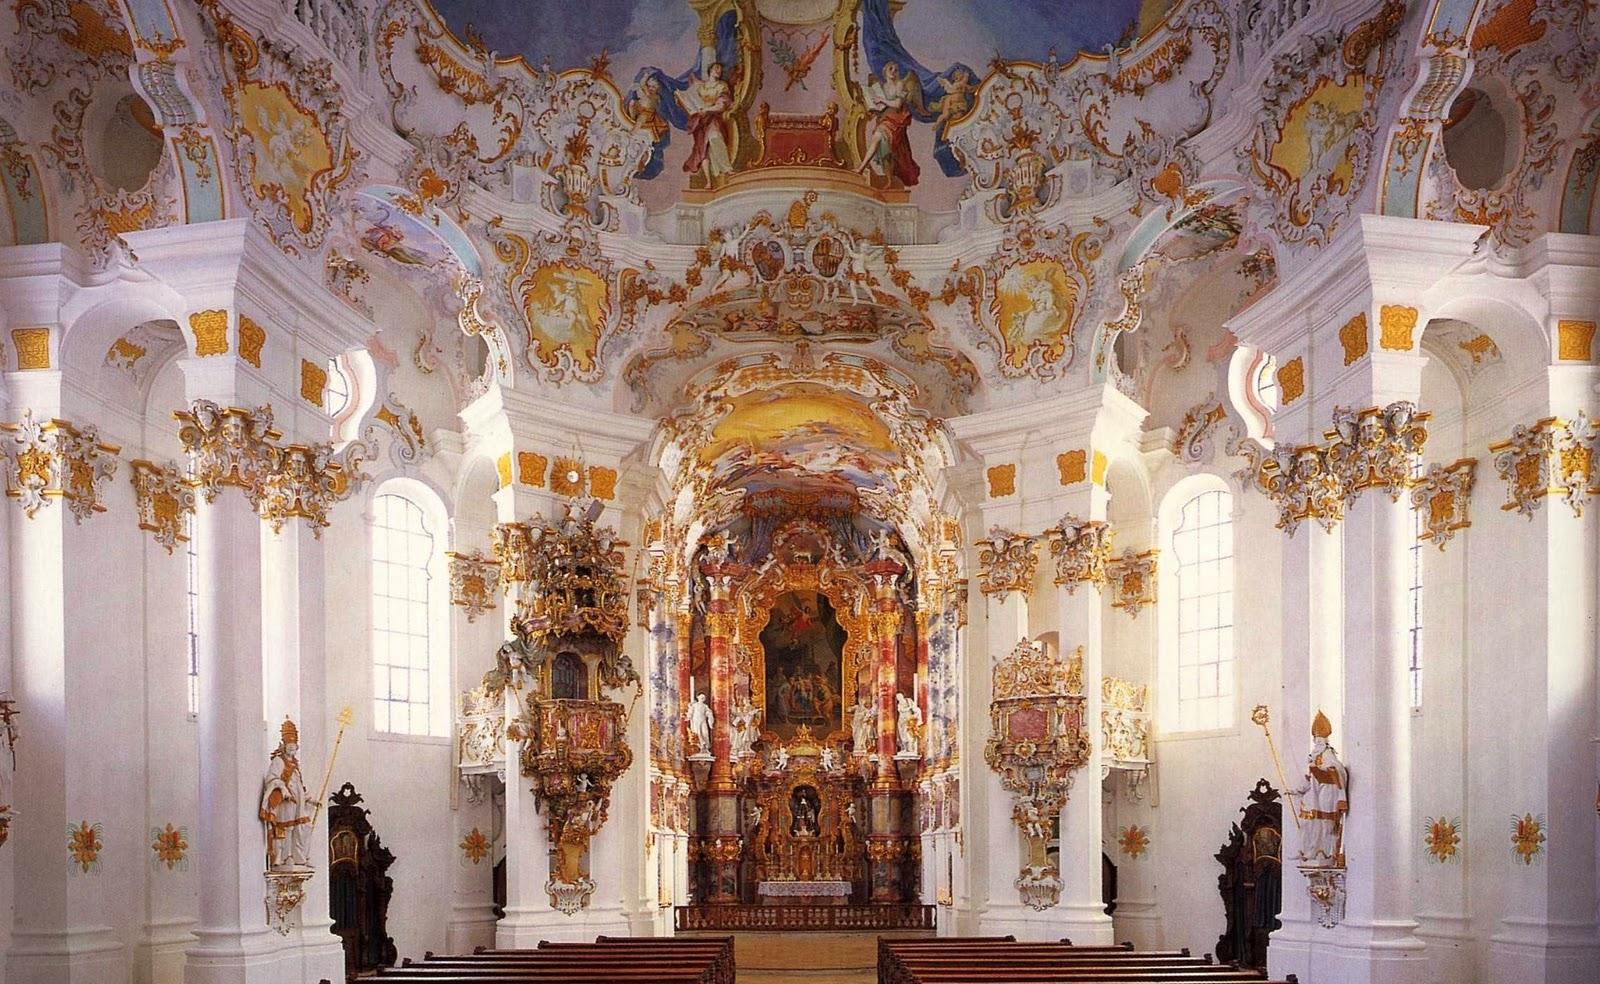 ヴィース教会はドイツの歴史的建造物!見どころや行き方も紹介!